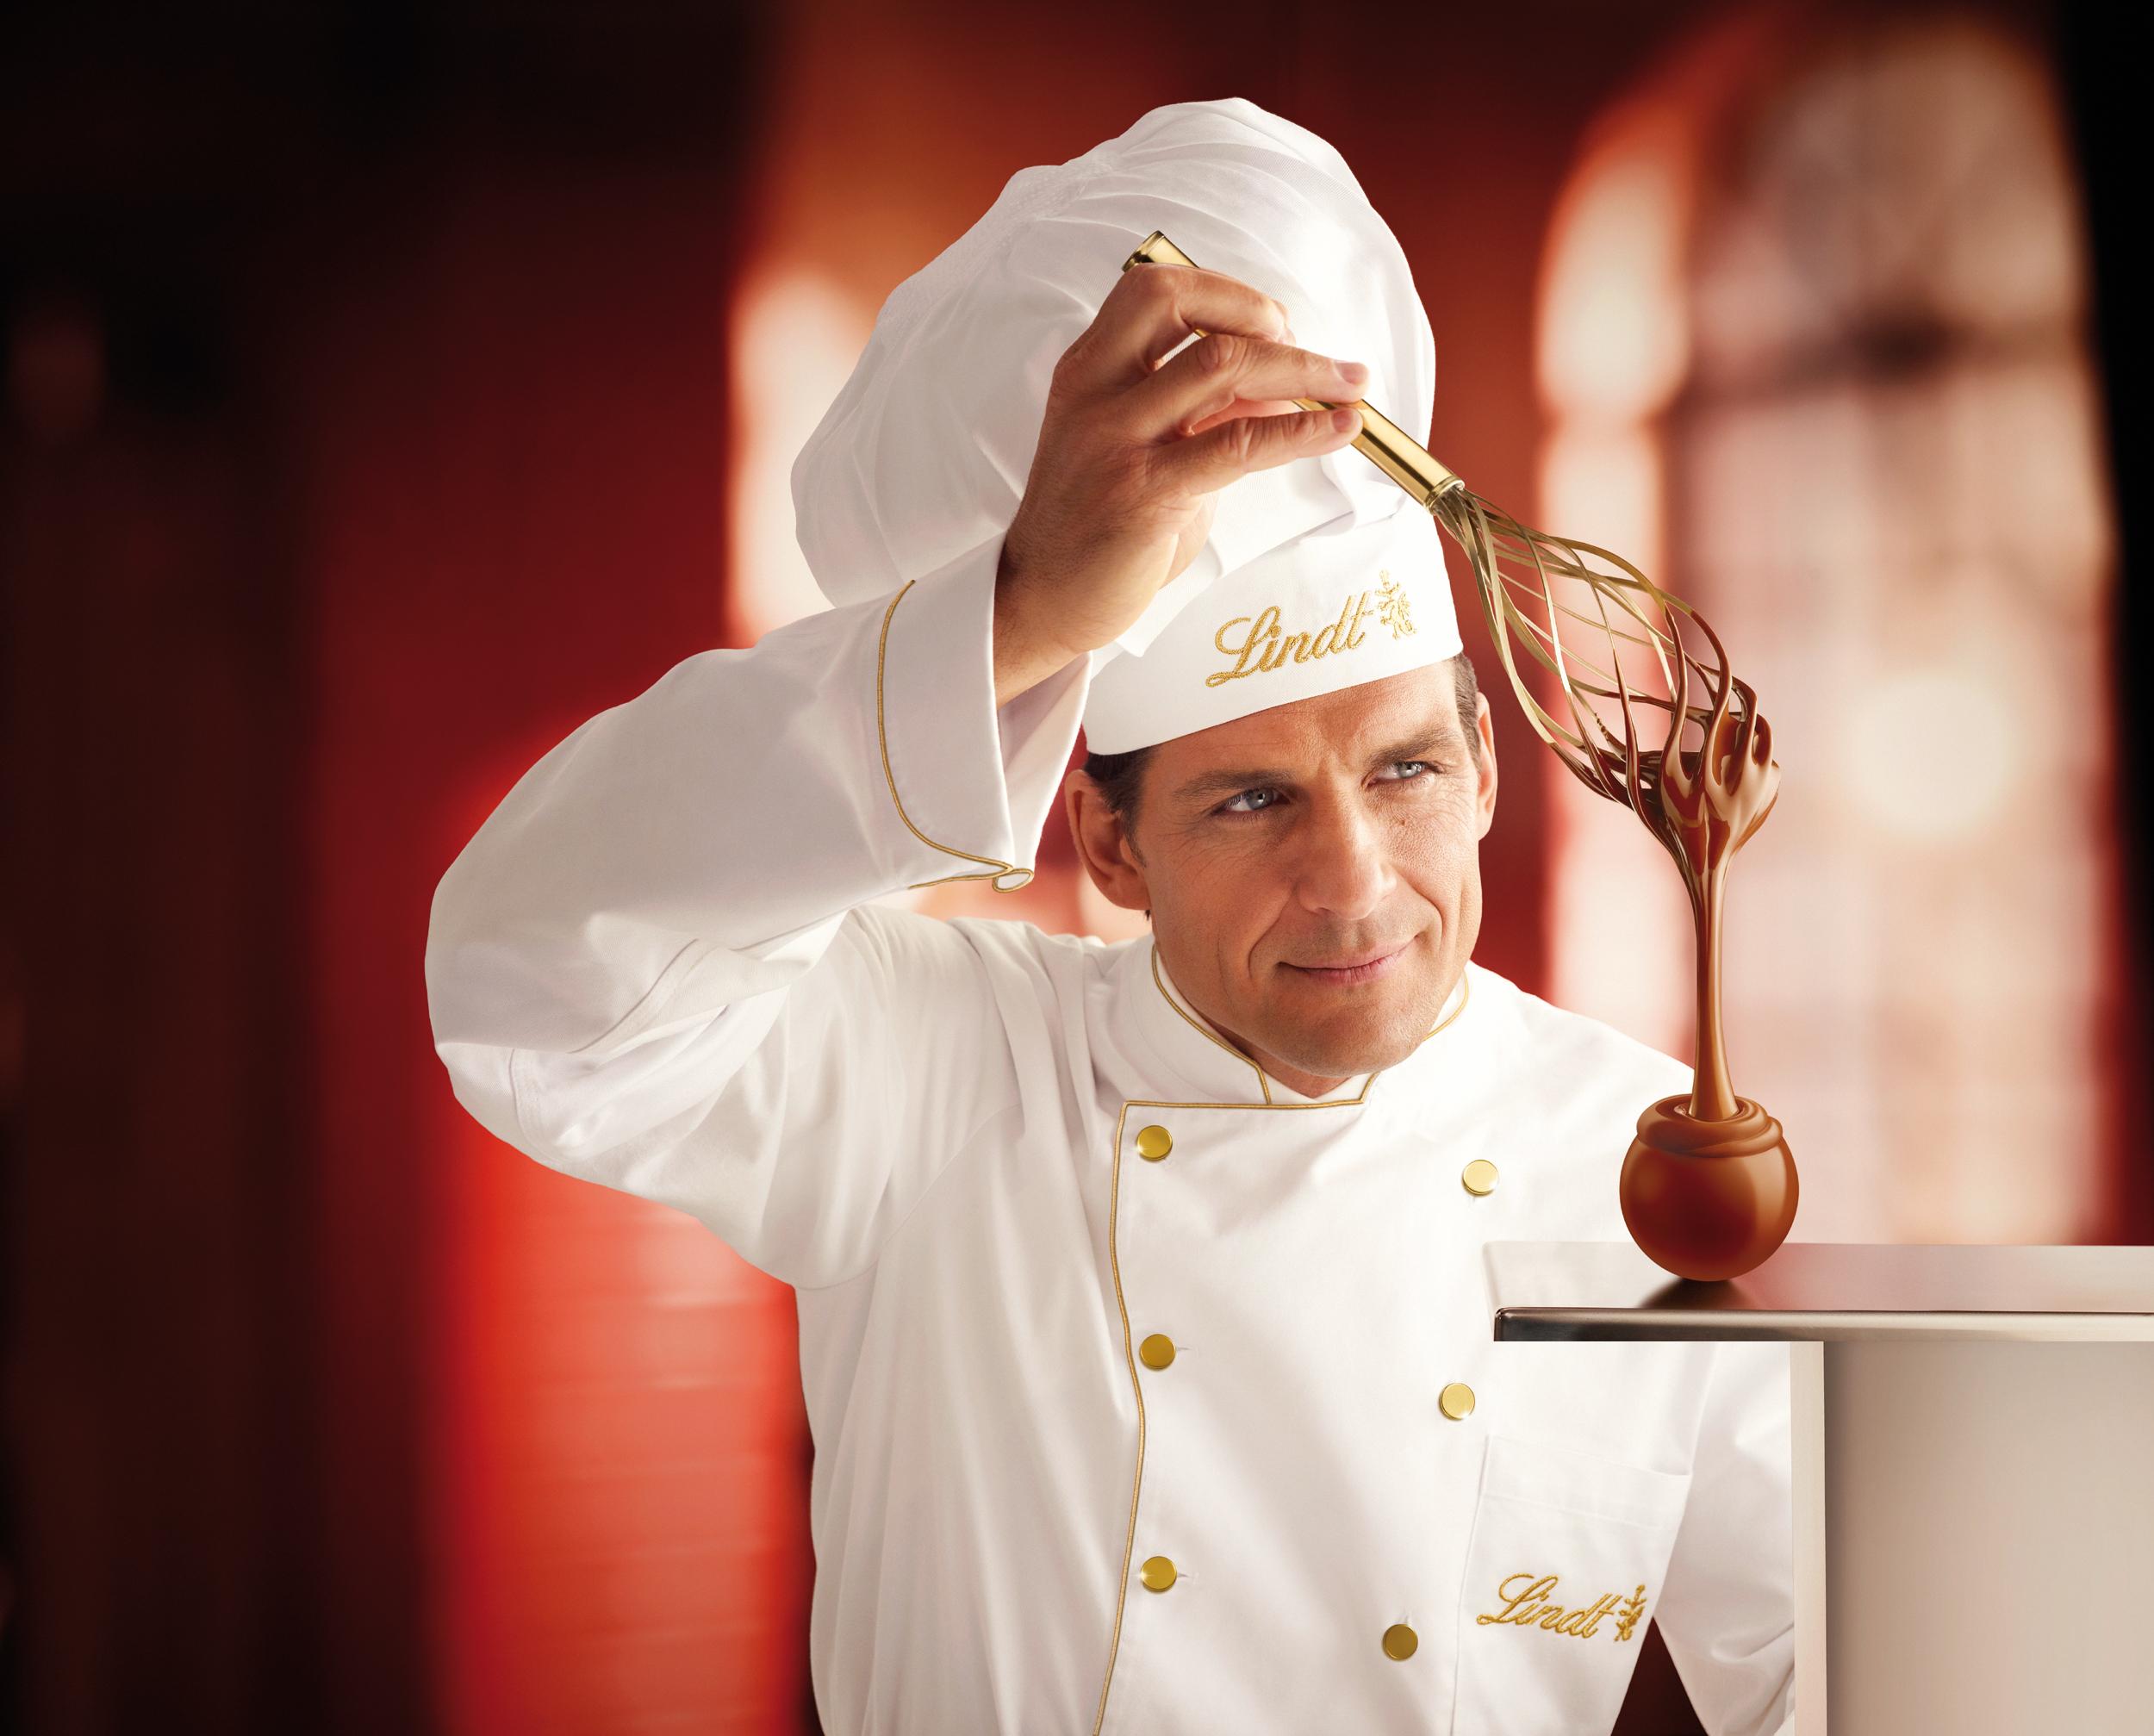 Incontro con il Maître Chocolatier